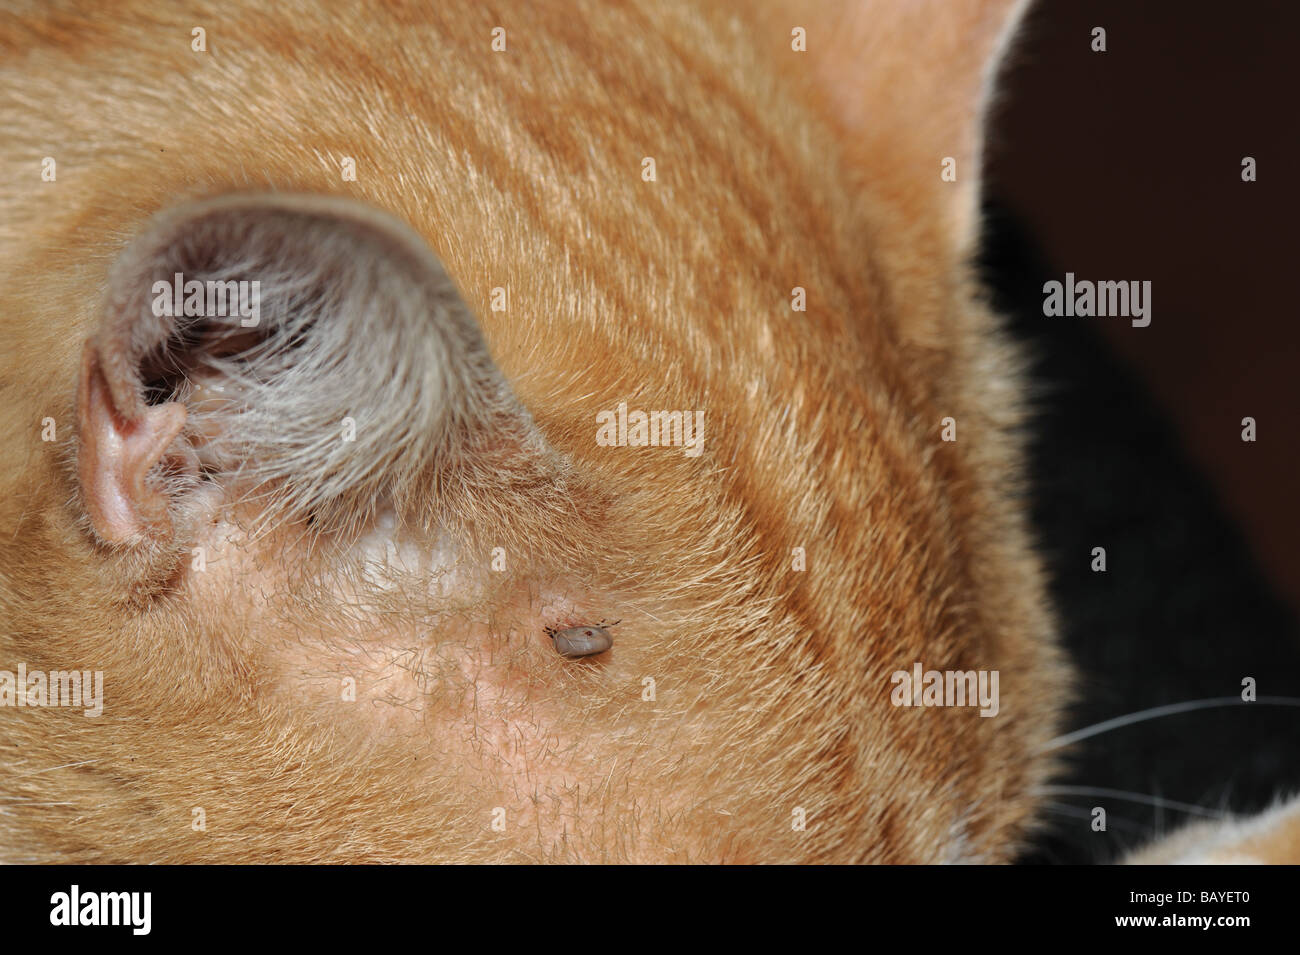 Демодекоз у кошек лечение в домашних условиях, фото признаки